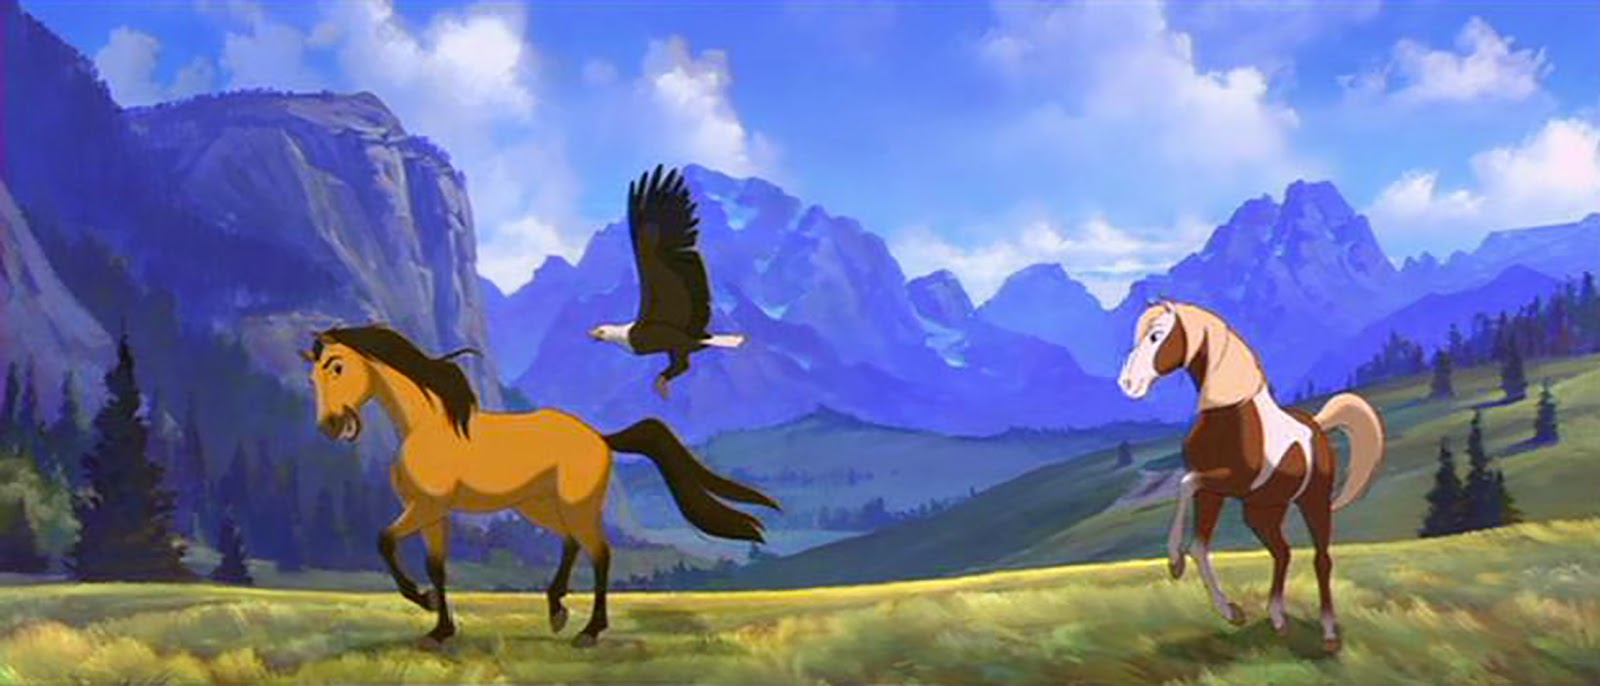 paint spirit stallion of the cimarron # 21